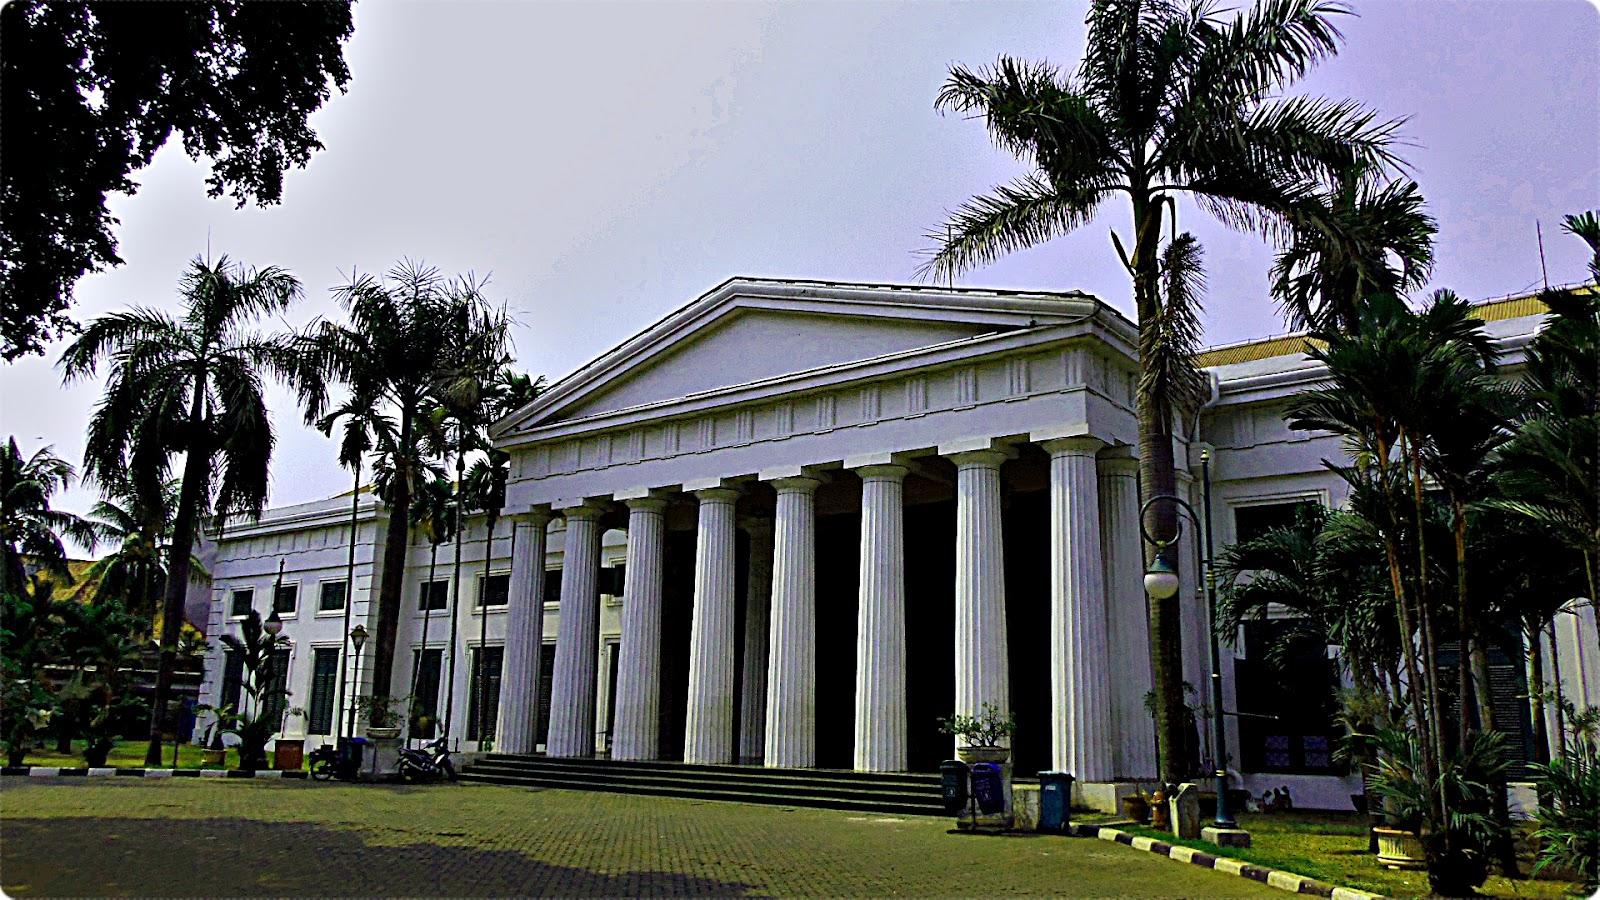 Saka Pariwisata Jakarta Barat Wisata Museum Seni Rupa Keramik Musium